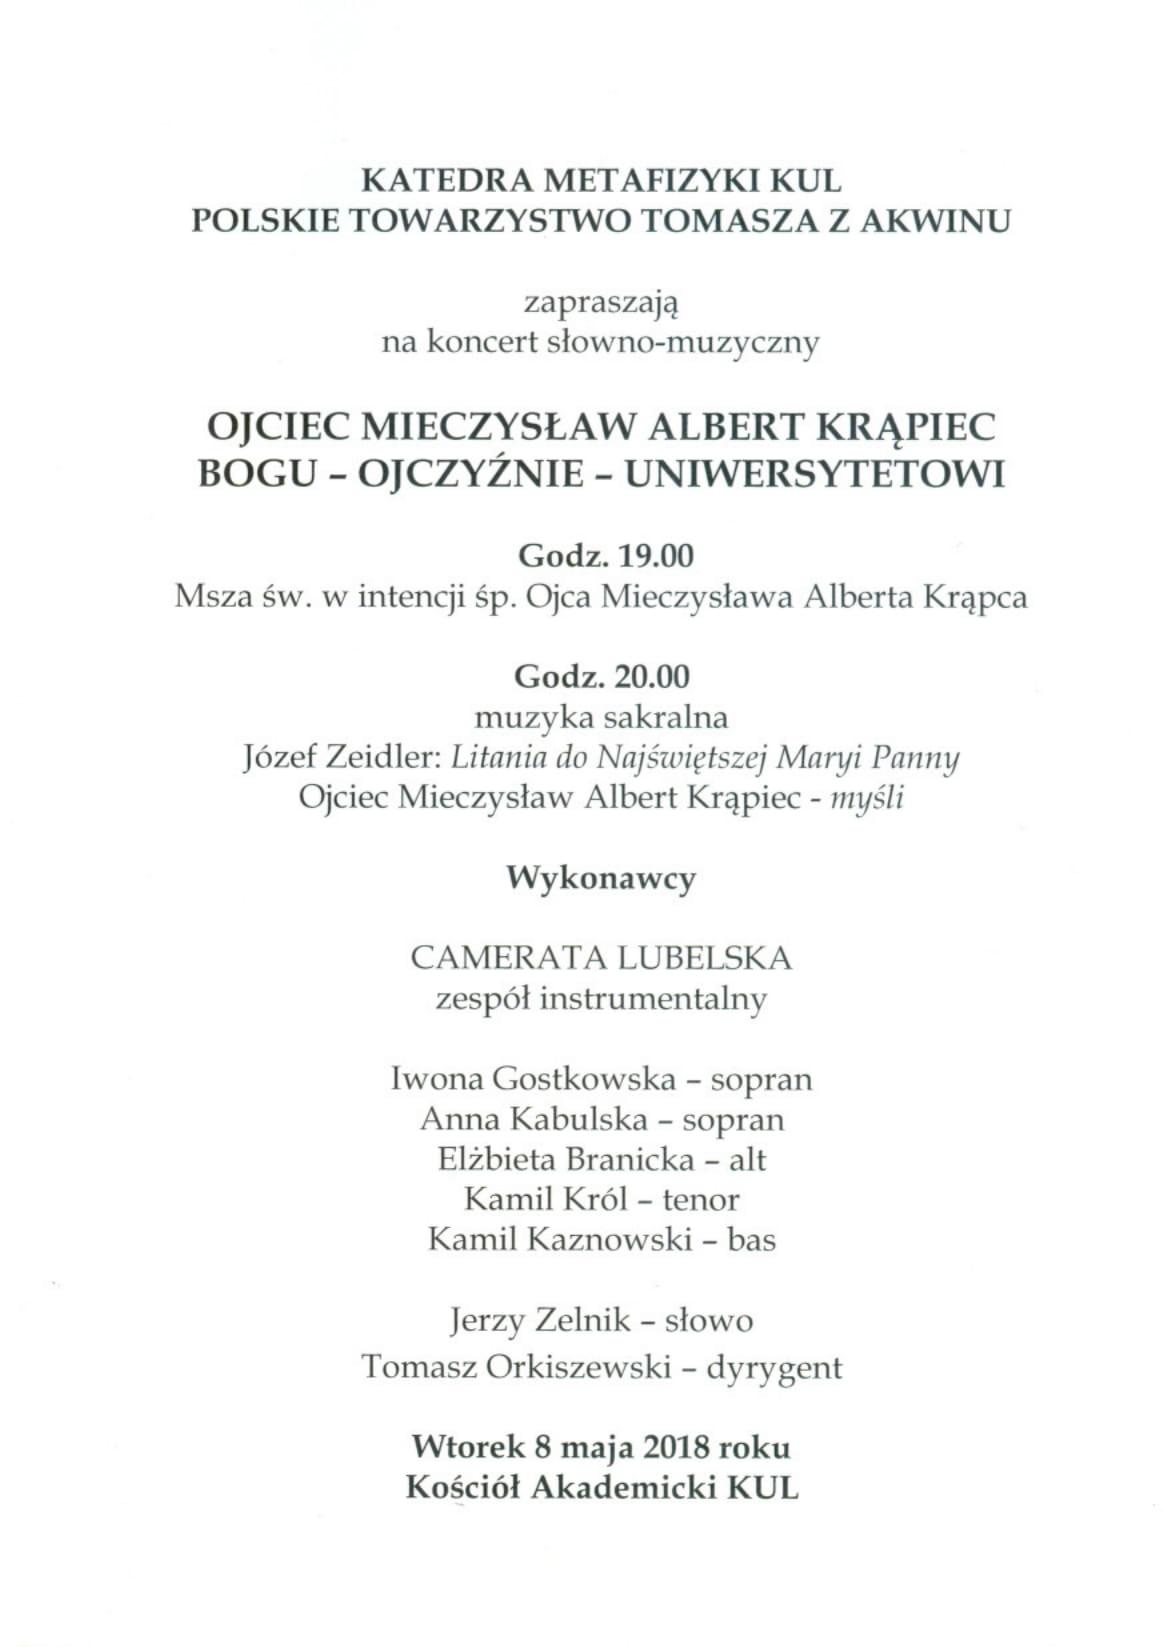 Zaproszenie Krąpiec 2018-3.jpg